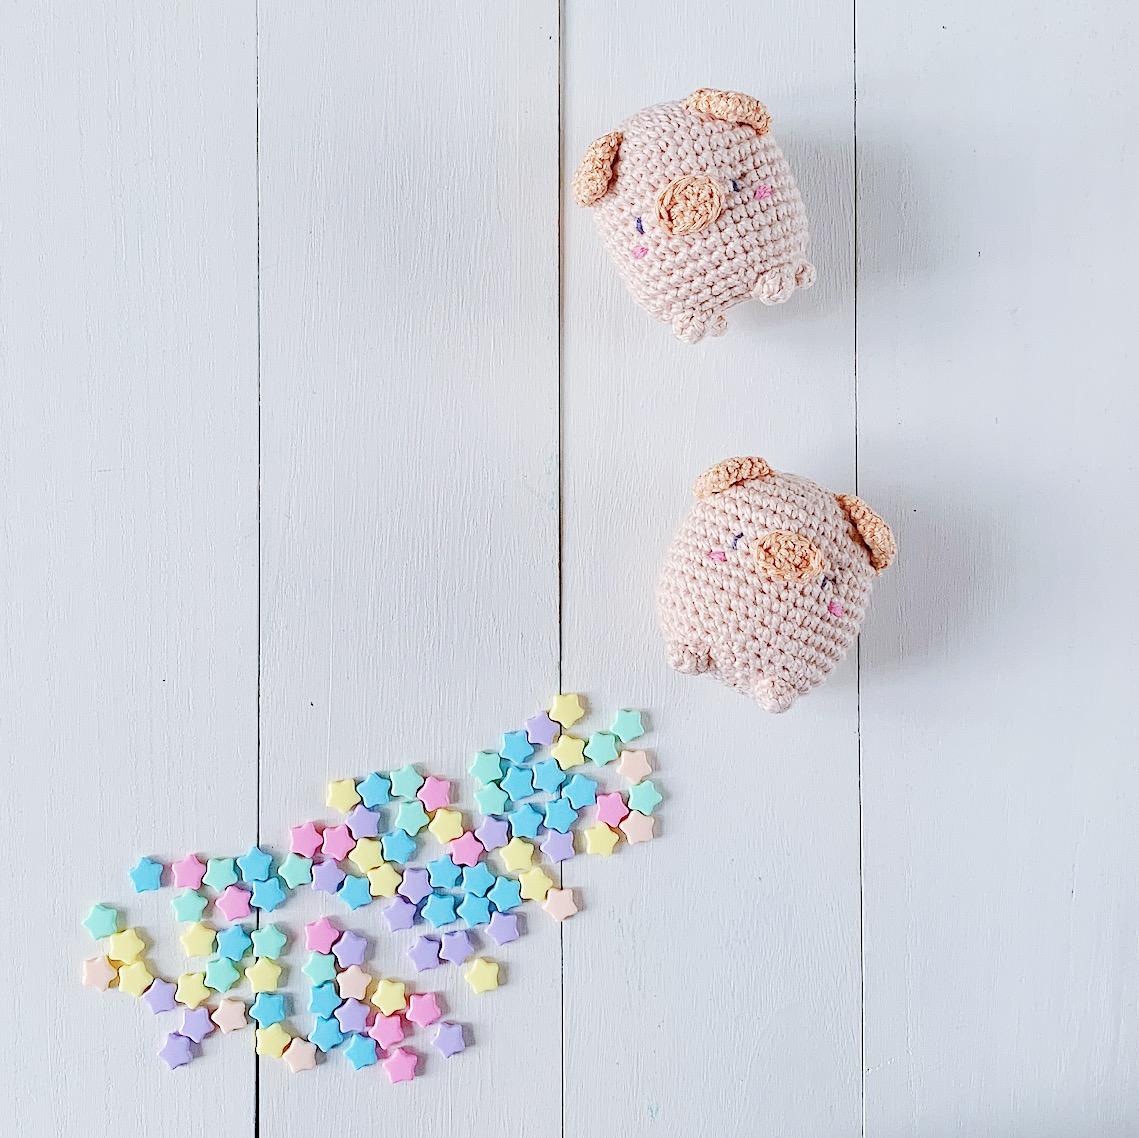 Mini pig free amigurumi pattern | Amigurumi Space | 1138x1139